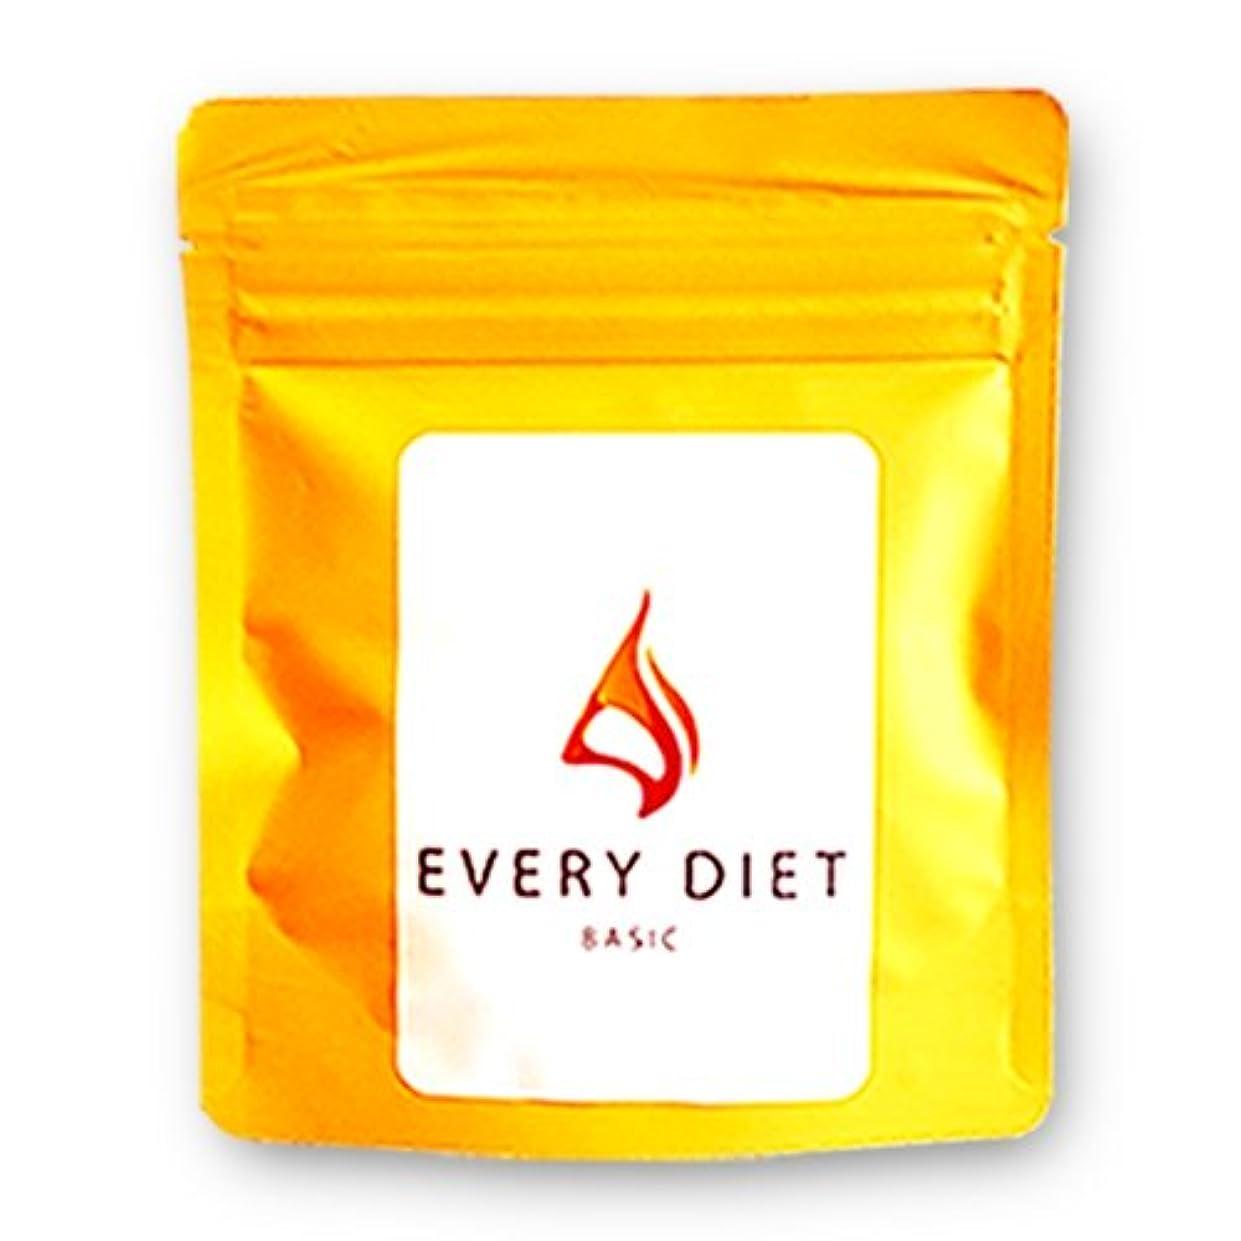 制限する文字バターエブリダイエット ベーシック (Every Diet Basic)